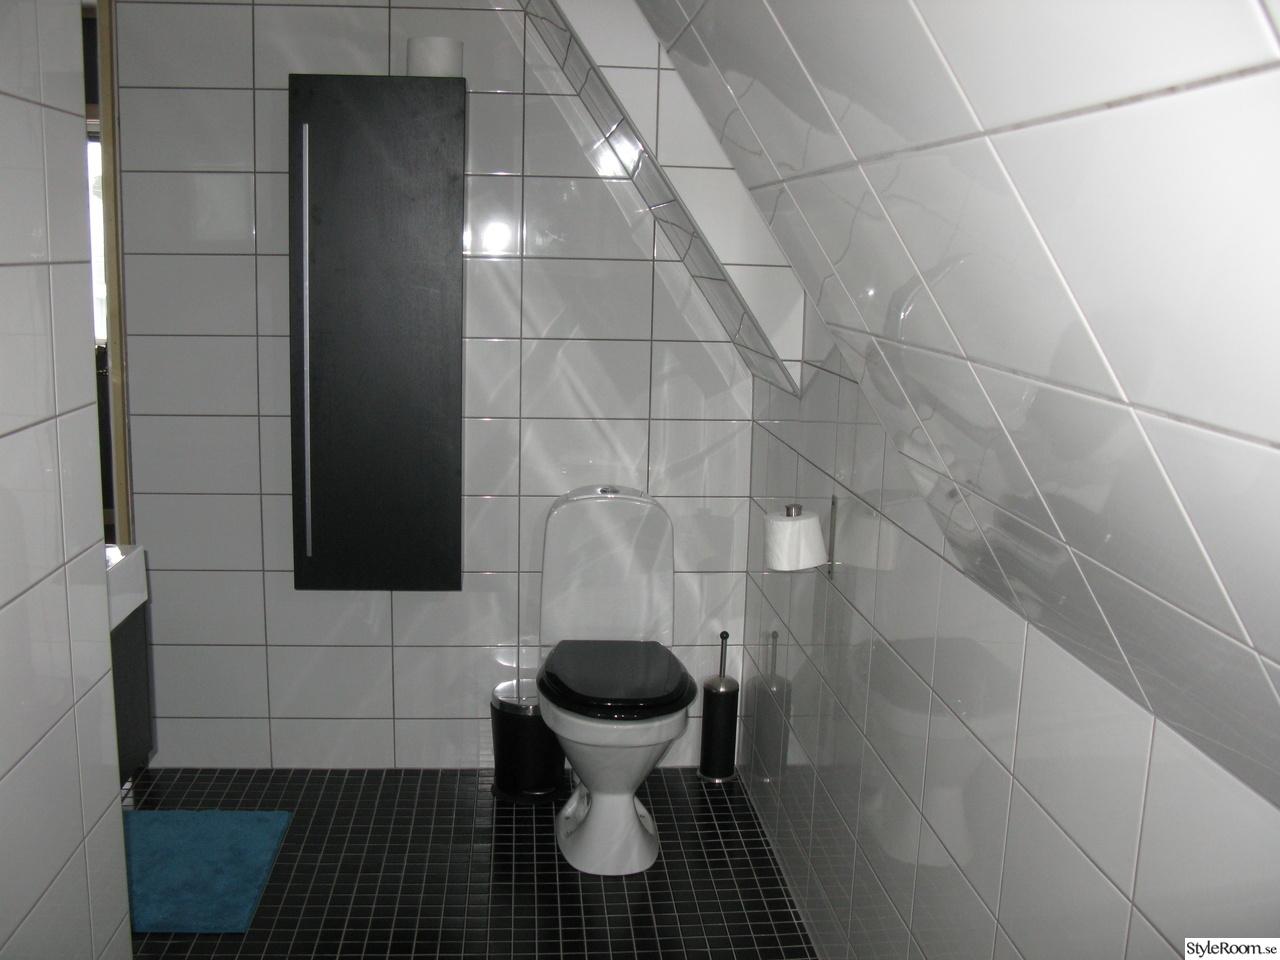 Badrum snedtak - Inspiration och idéer till ditt hem